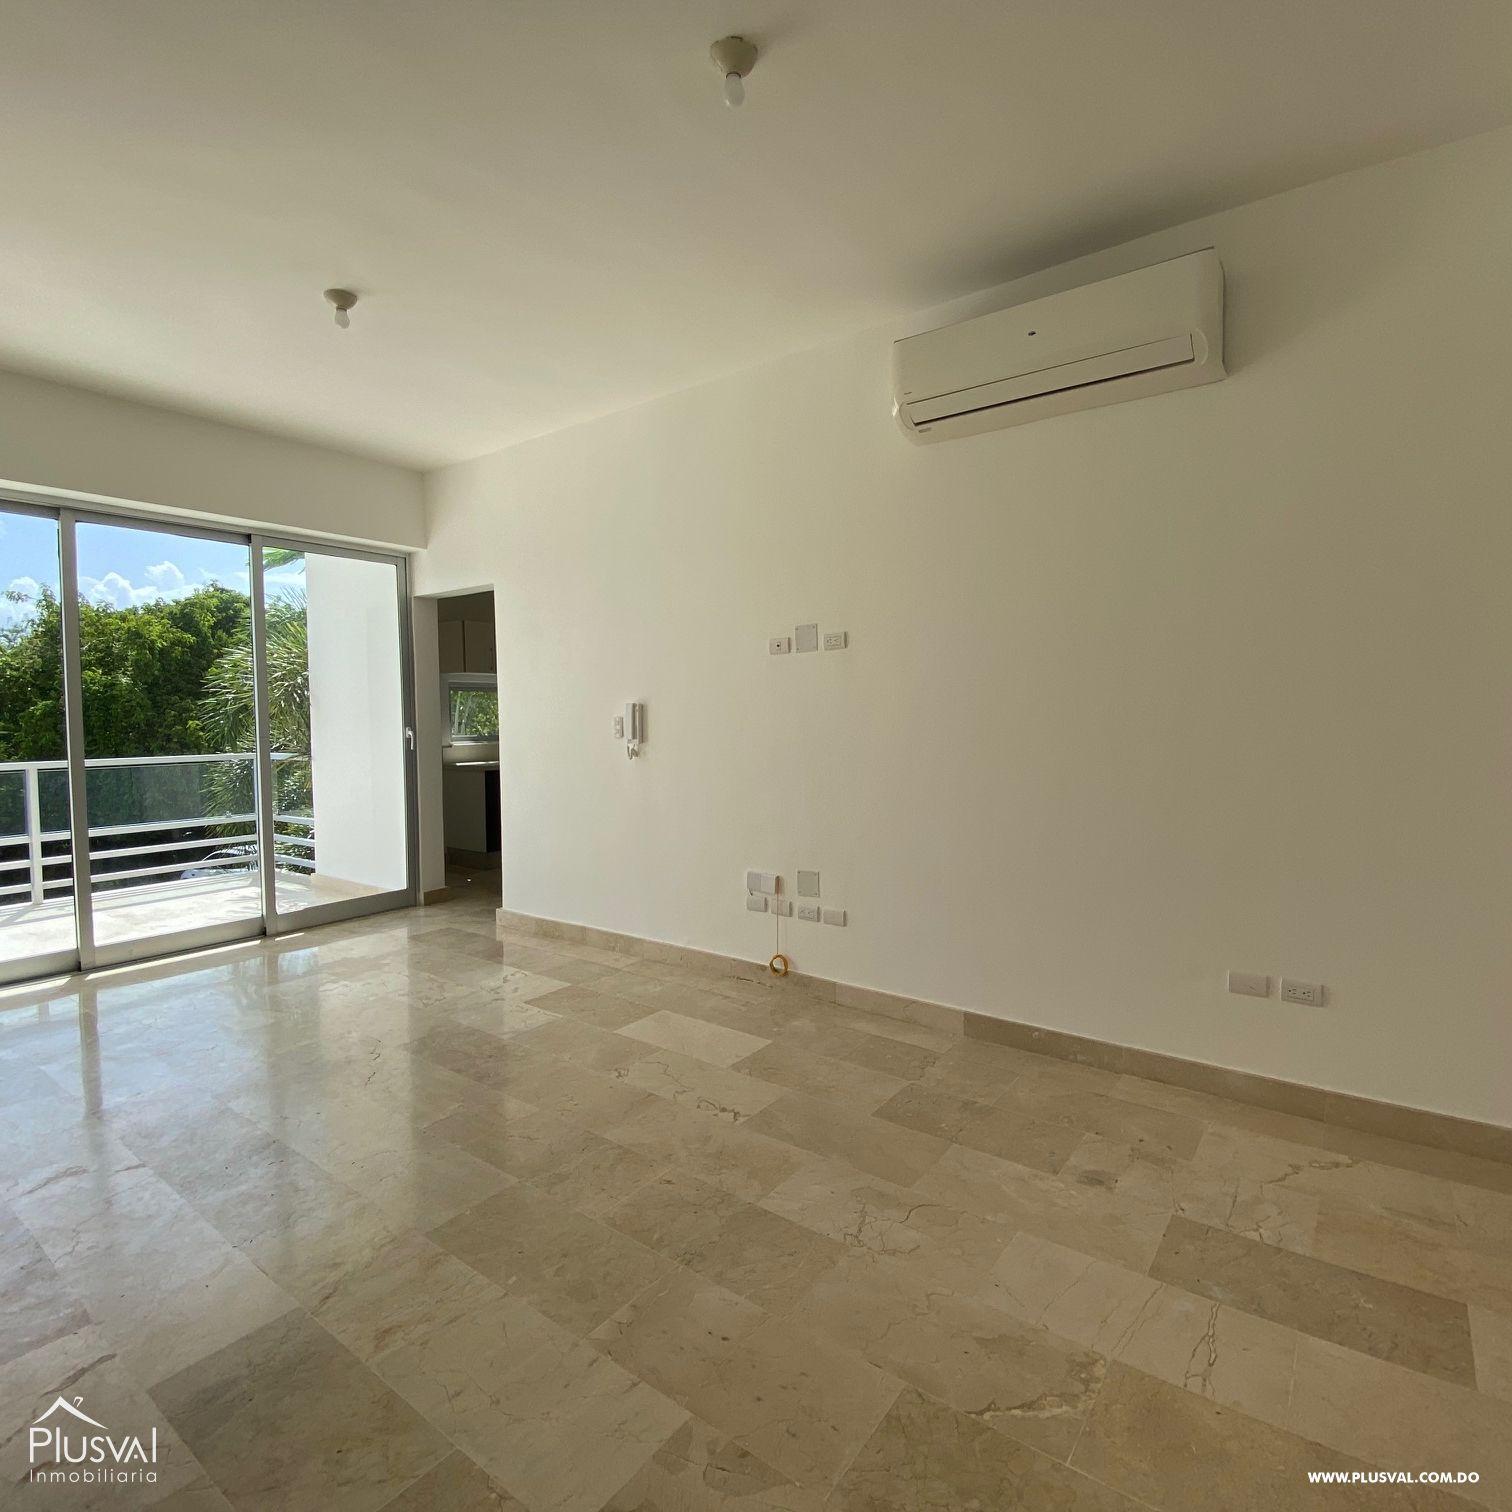 Apartamento en venta, en Puntacana Village 152476